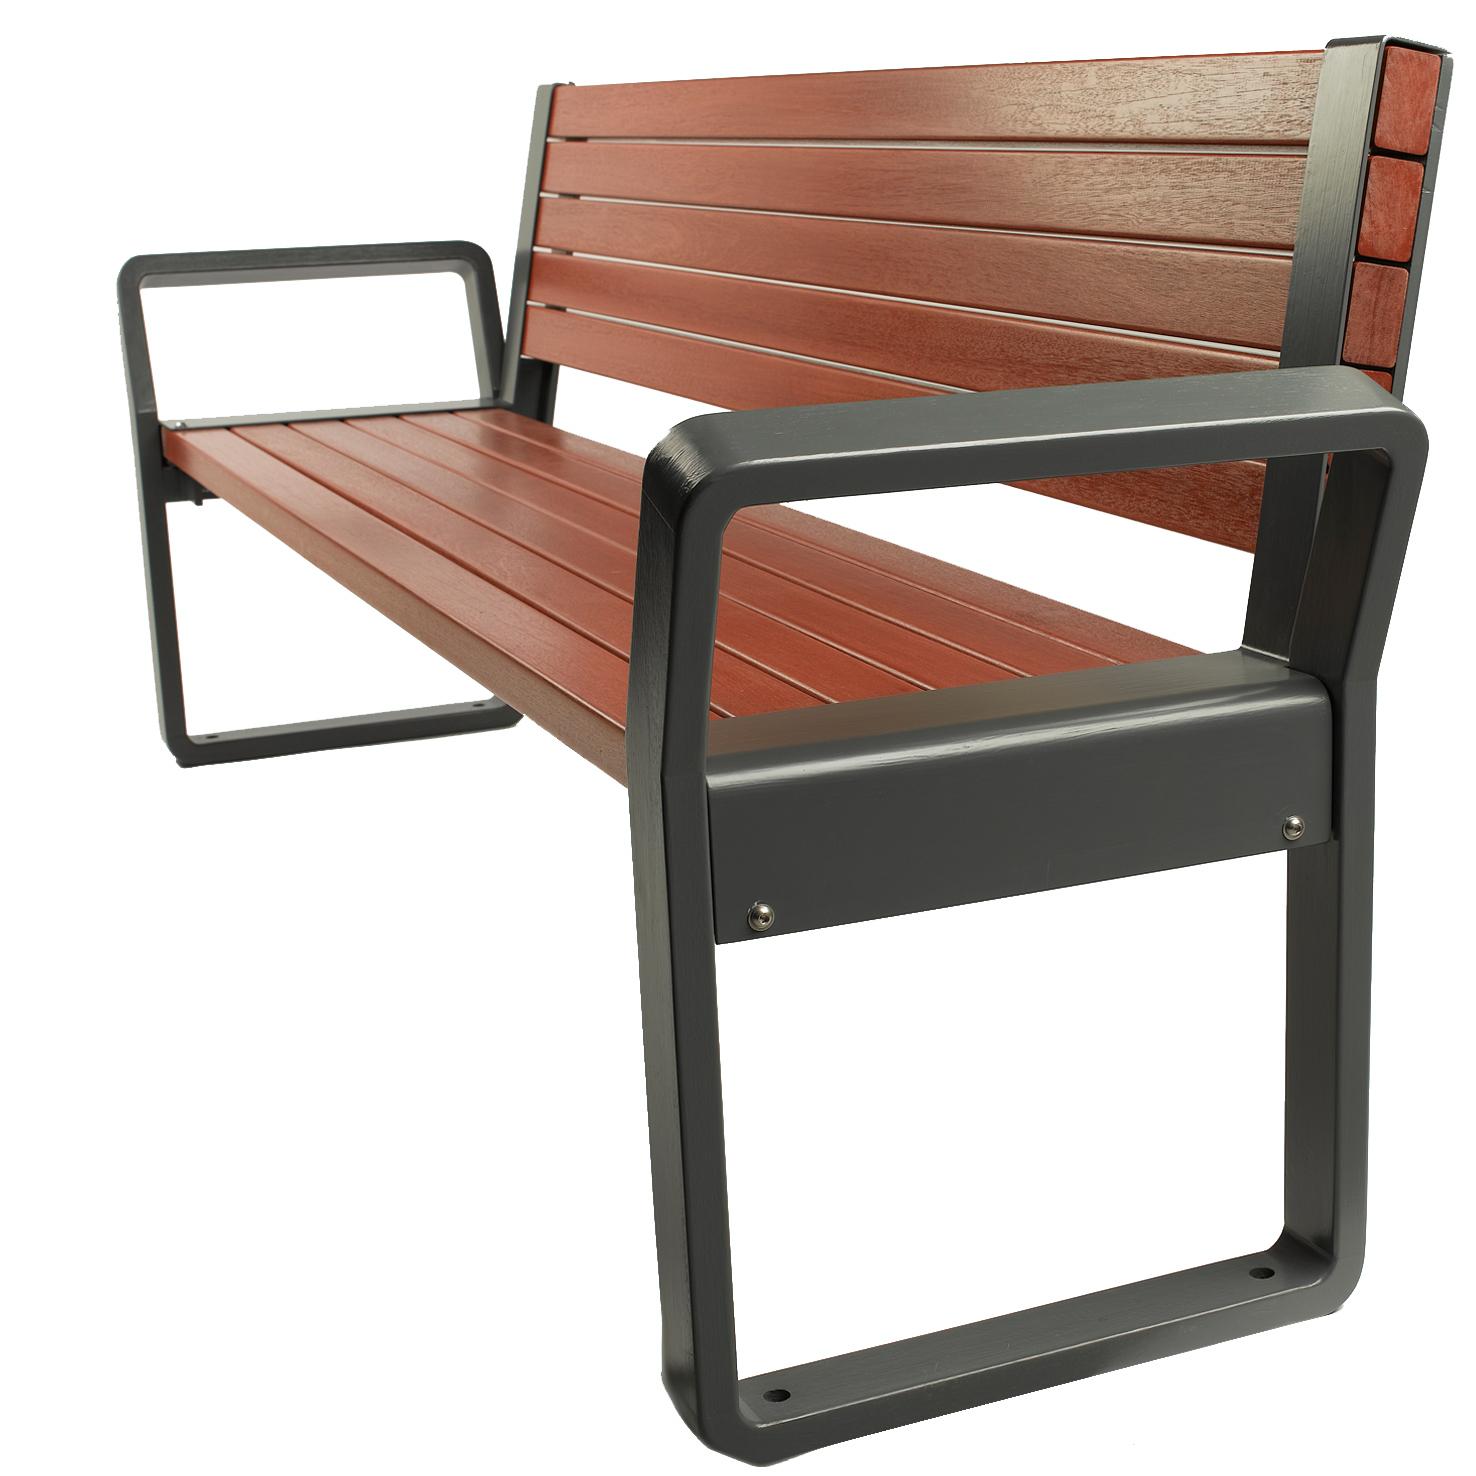 CERRO SEAT